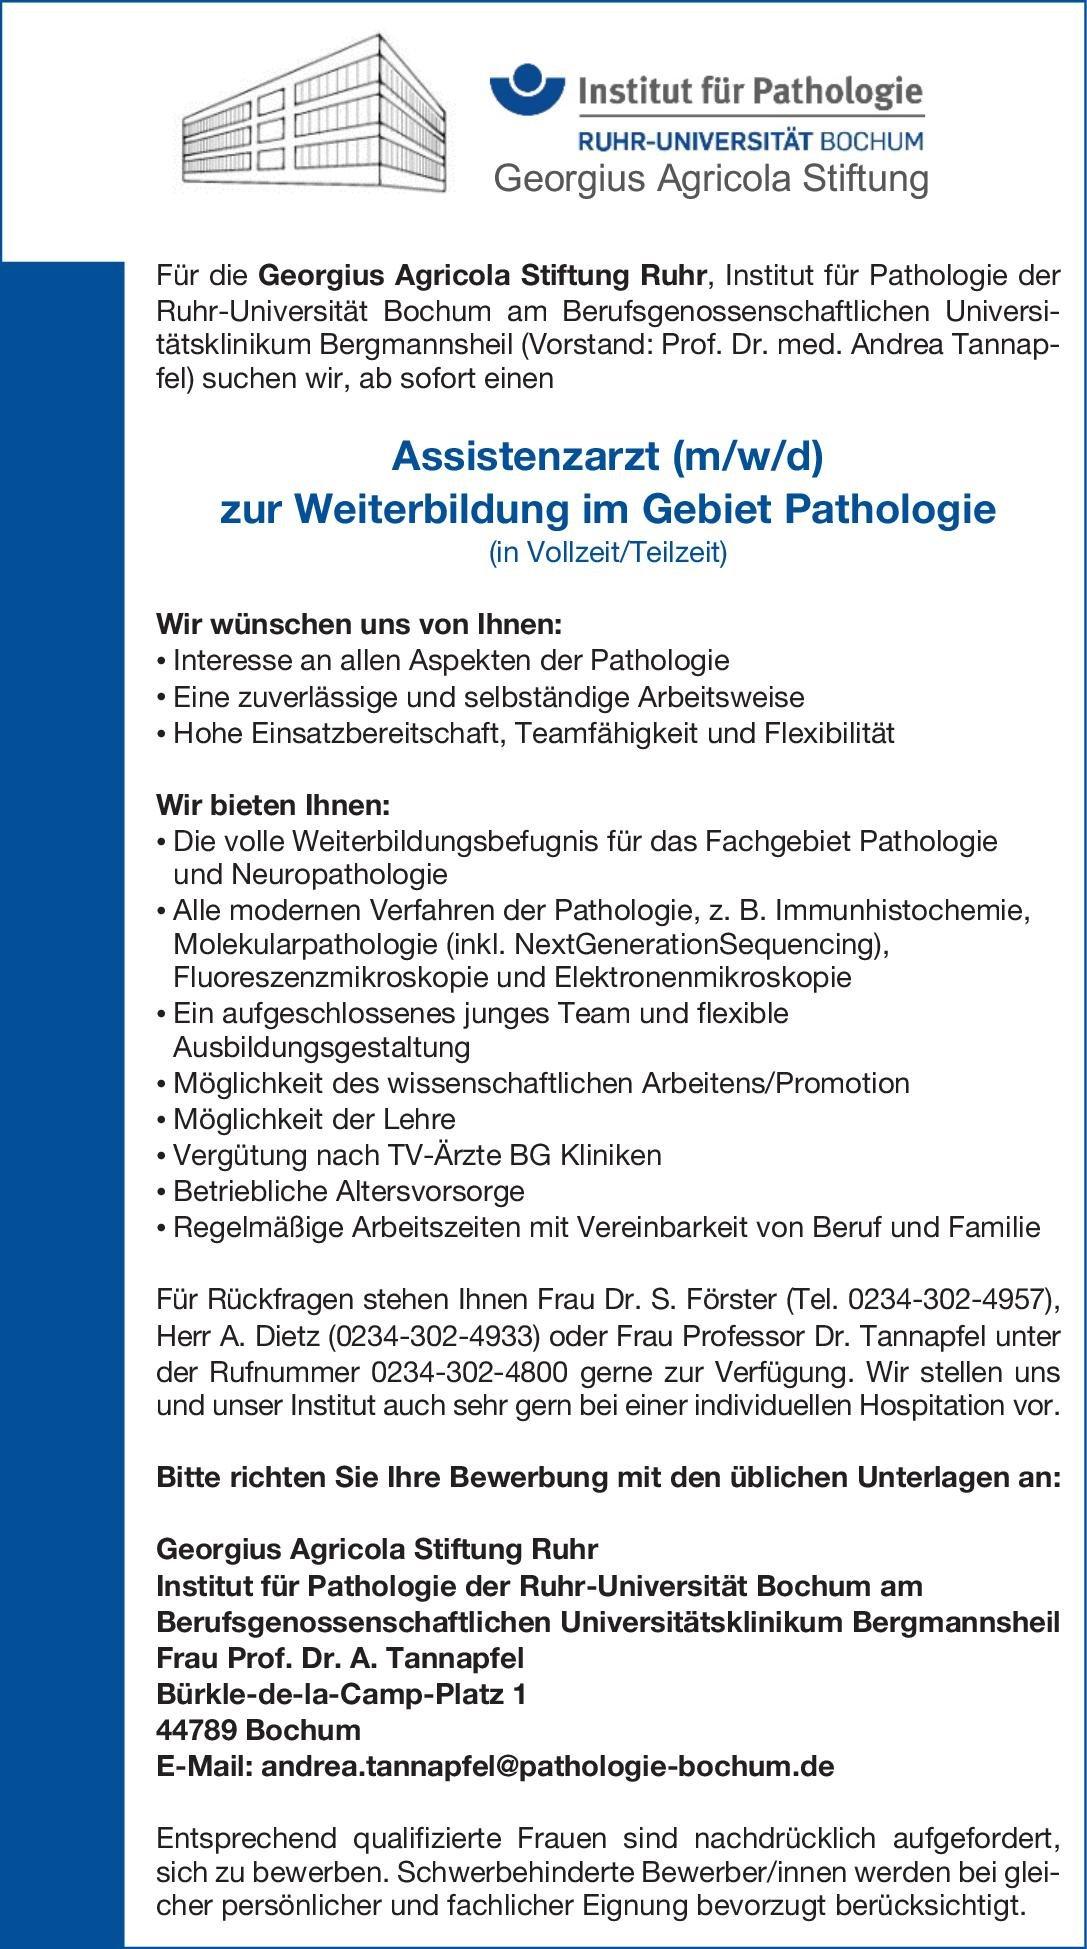 Georgius Agricola Stiftung Ruhr - Institut für Pathologie der Ruhr-Universität Bochum Assistenzarzt (m/w/d) zur Weiterbildung im Gebiet Pathologie  Pathologie Assistenzarzt / Arzt in Weiterbildung